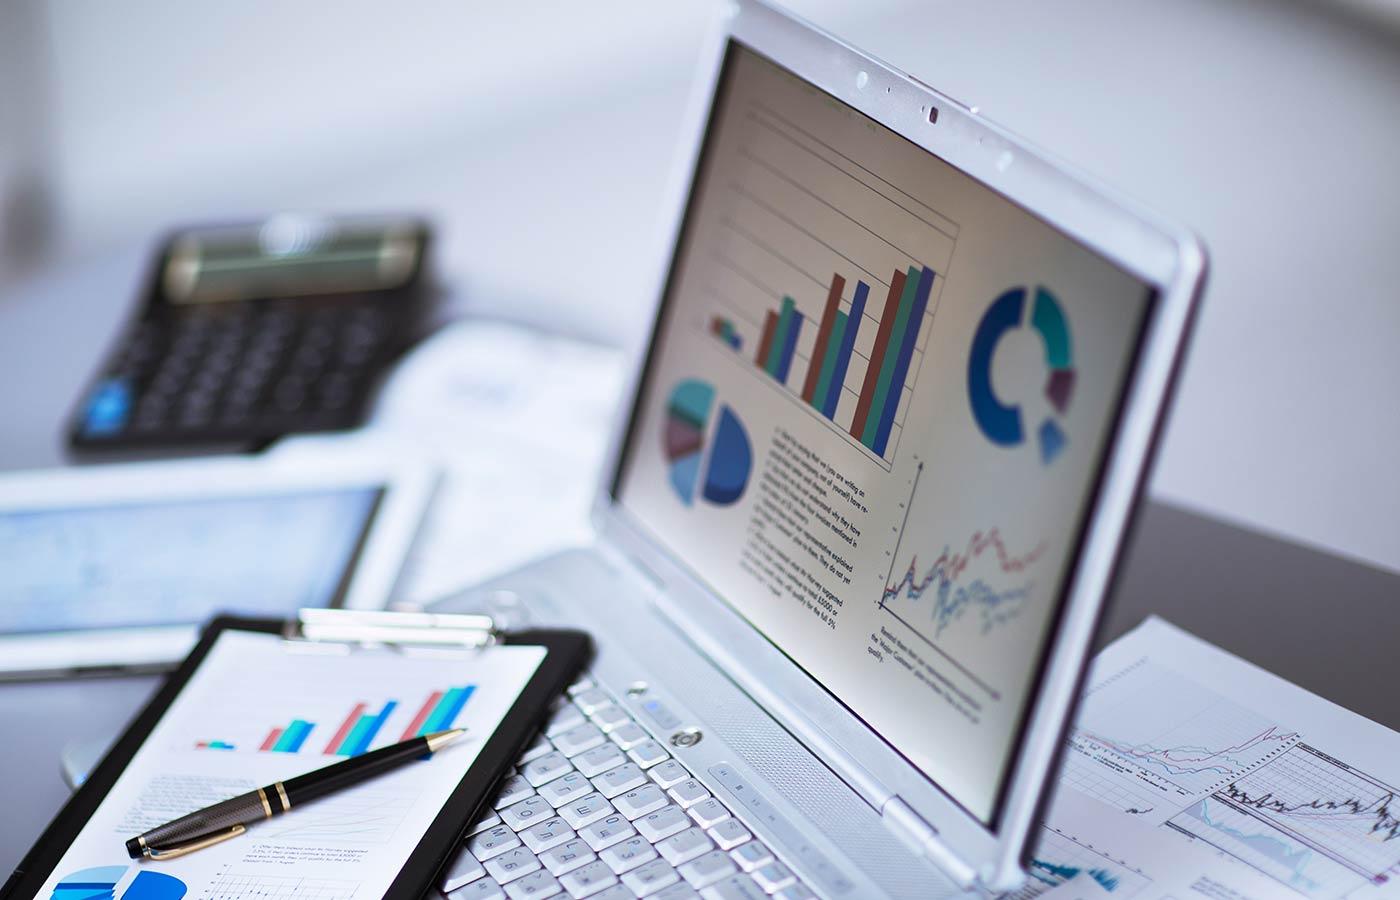 راهکار هوش تجاری نمودار و حل چالش های مدیریت داده